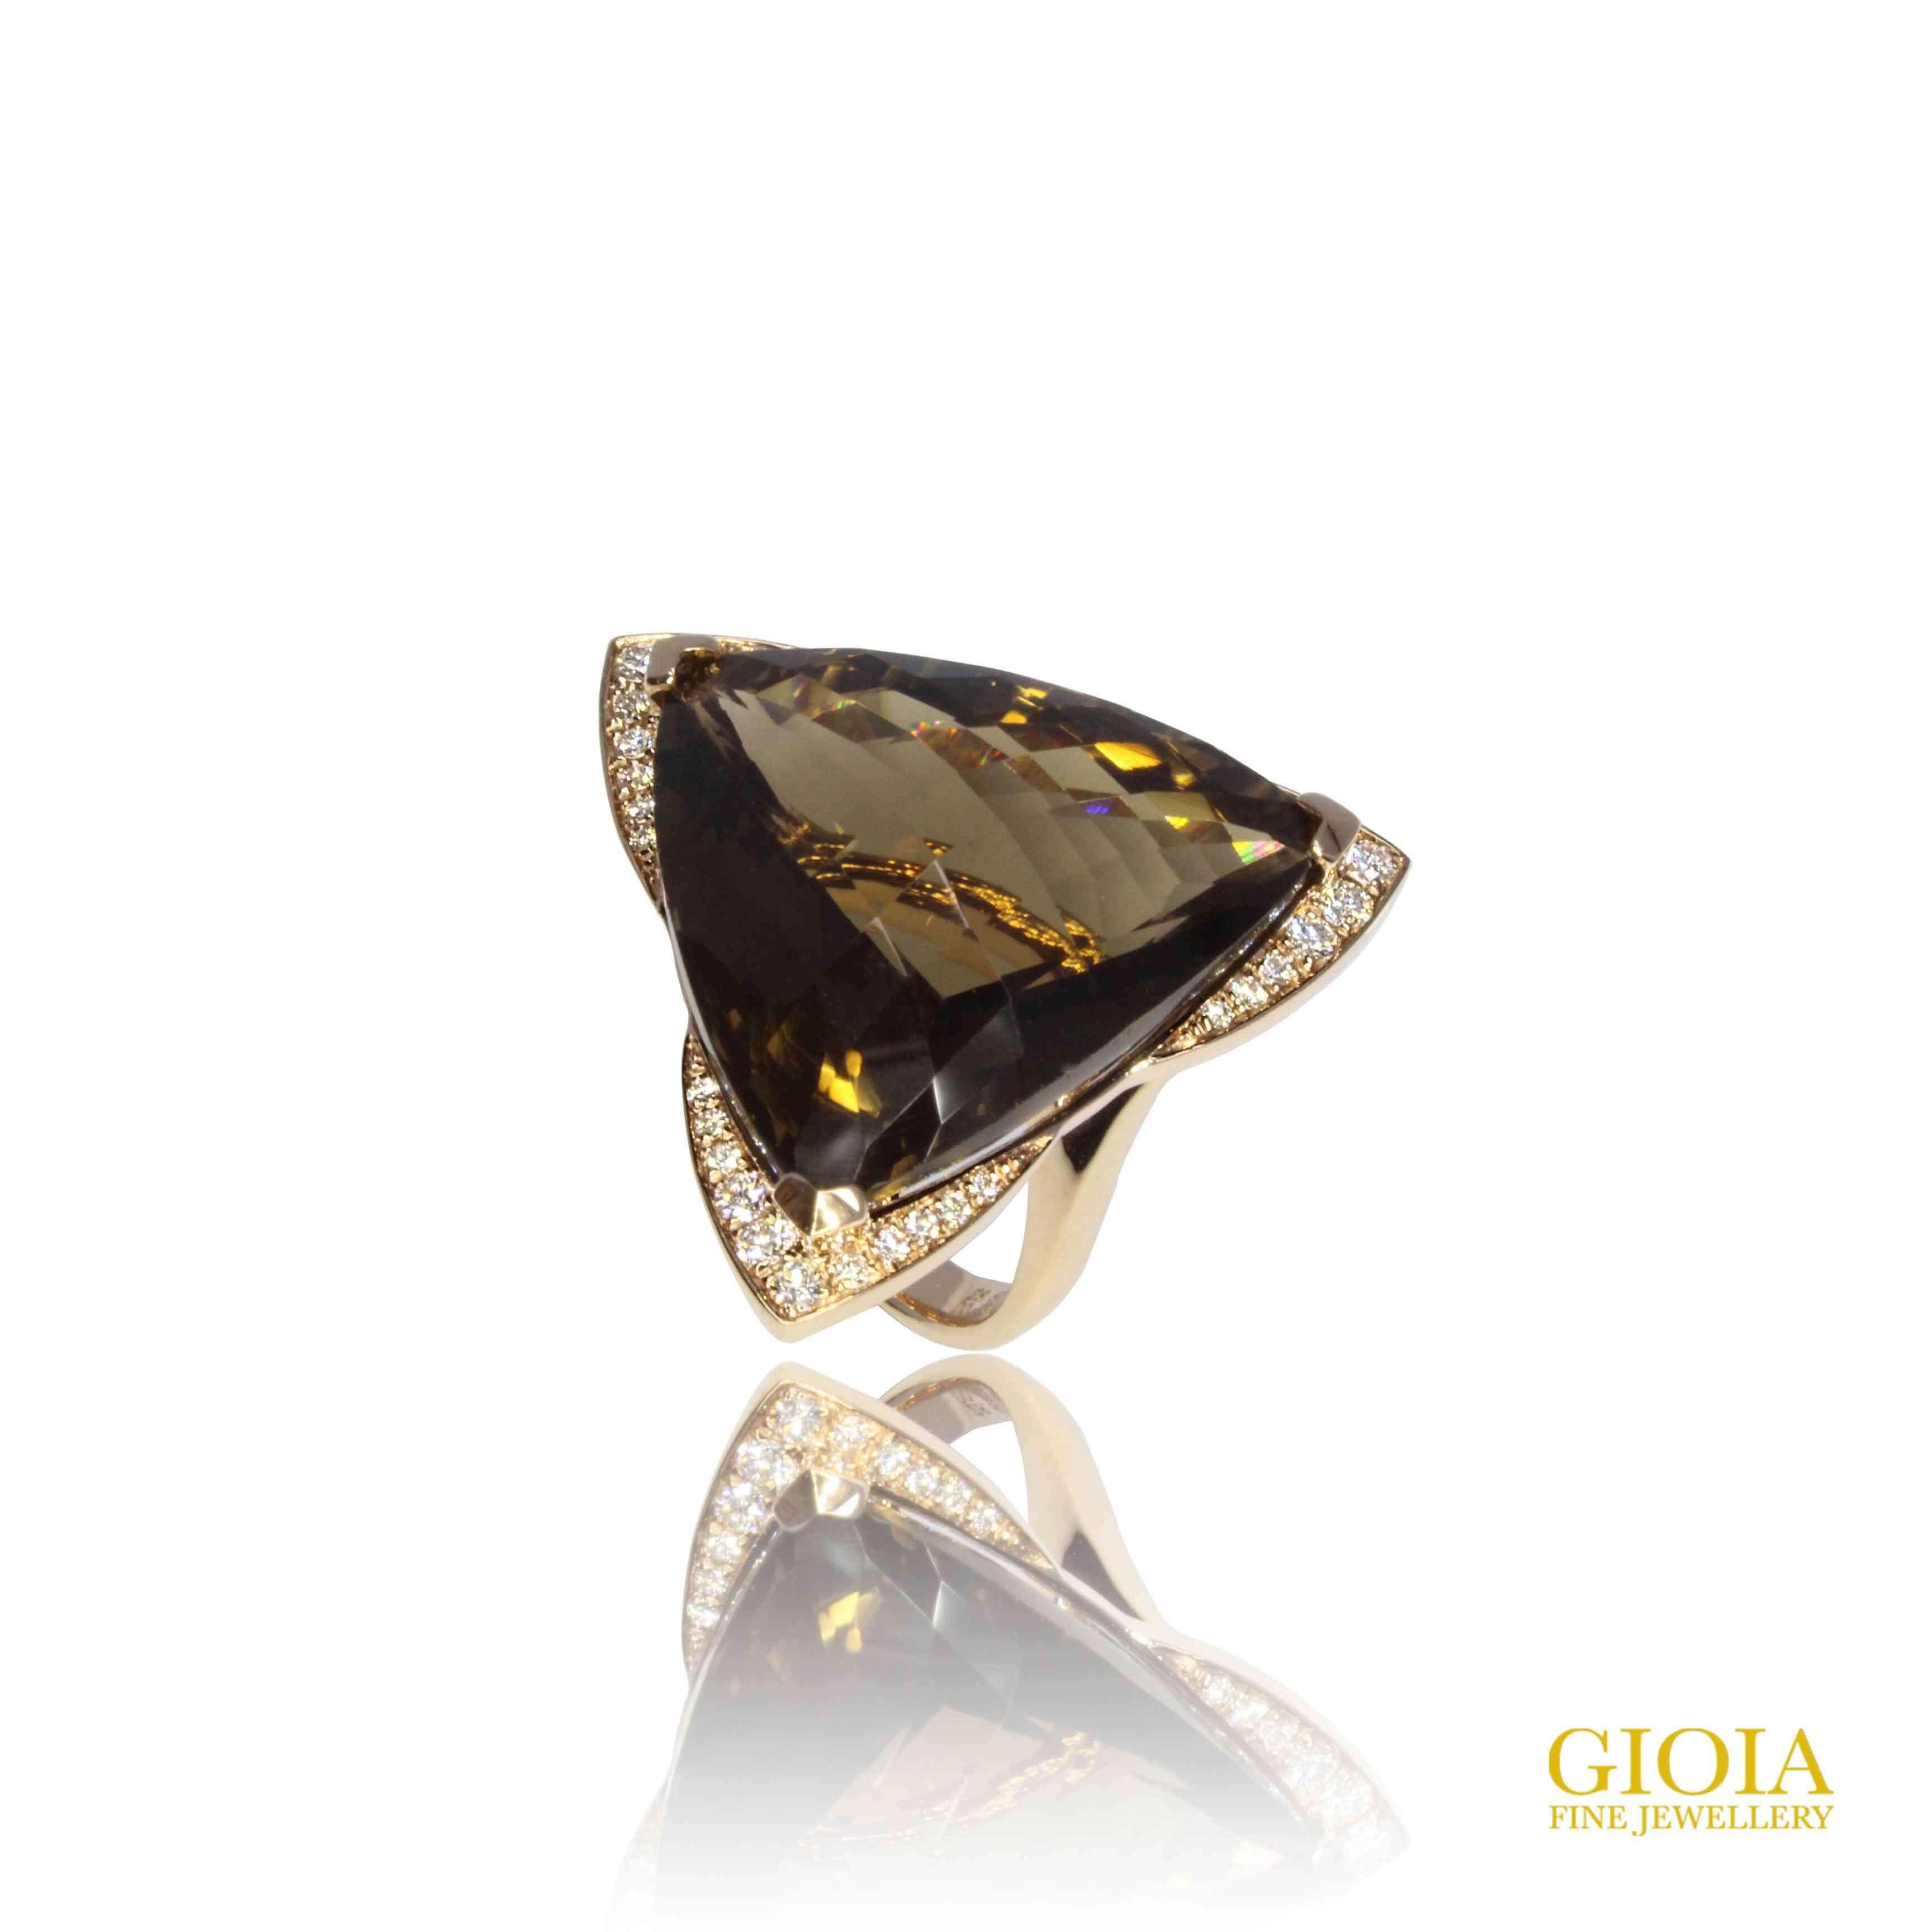 Smoky Quartz with diamond ring